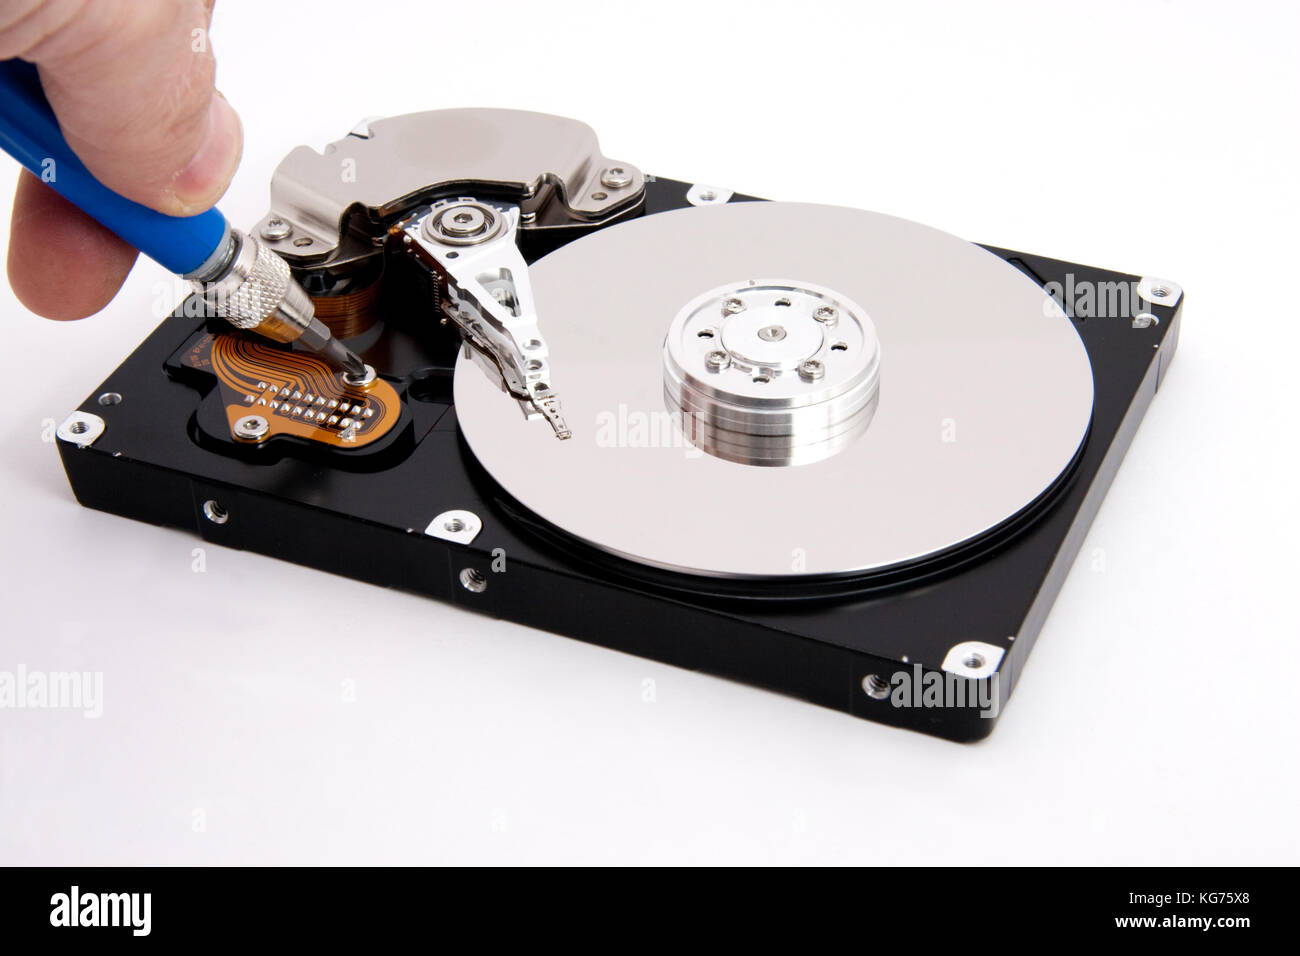 Aprire computer difettoso del disco rigido Immagini Stock